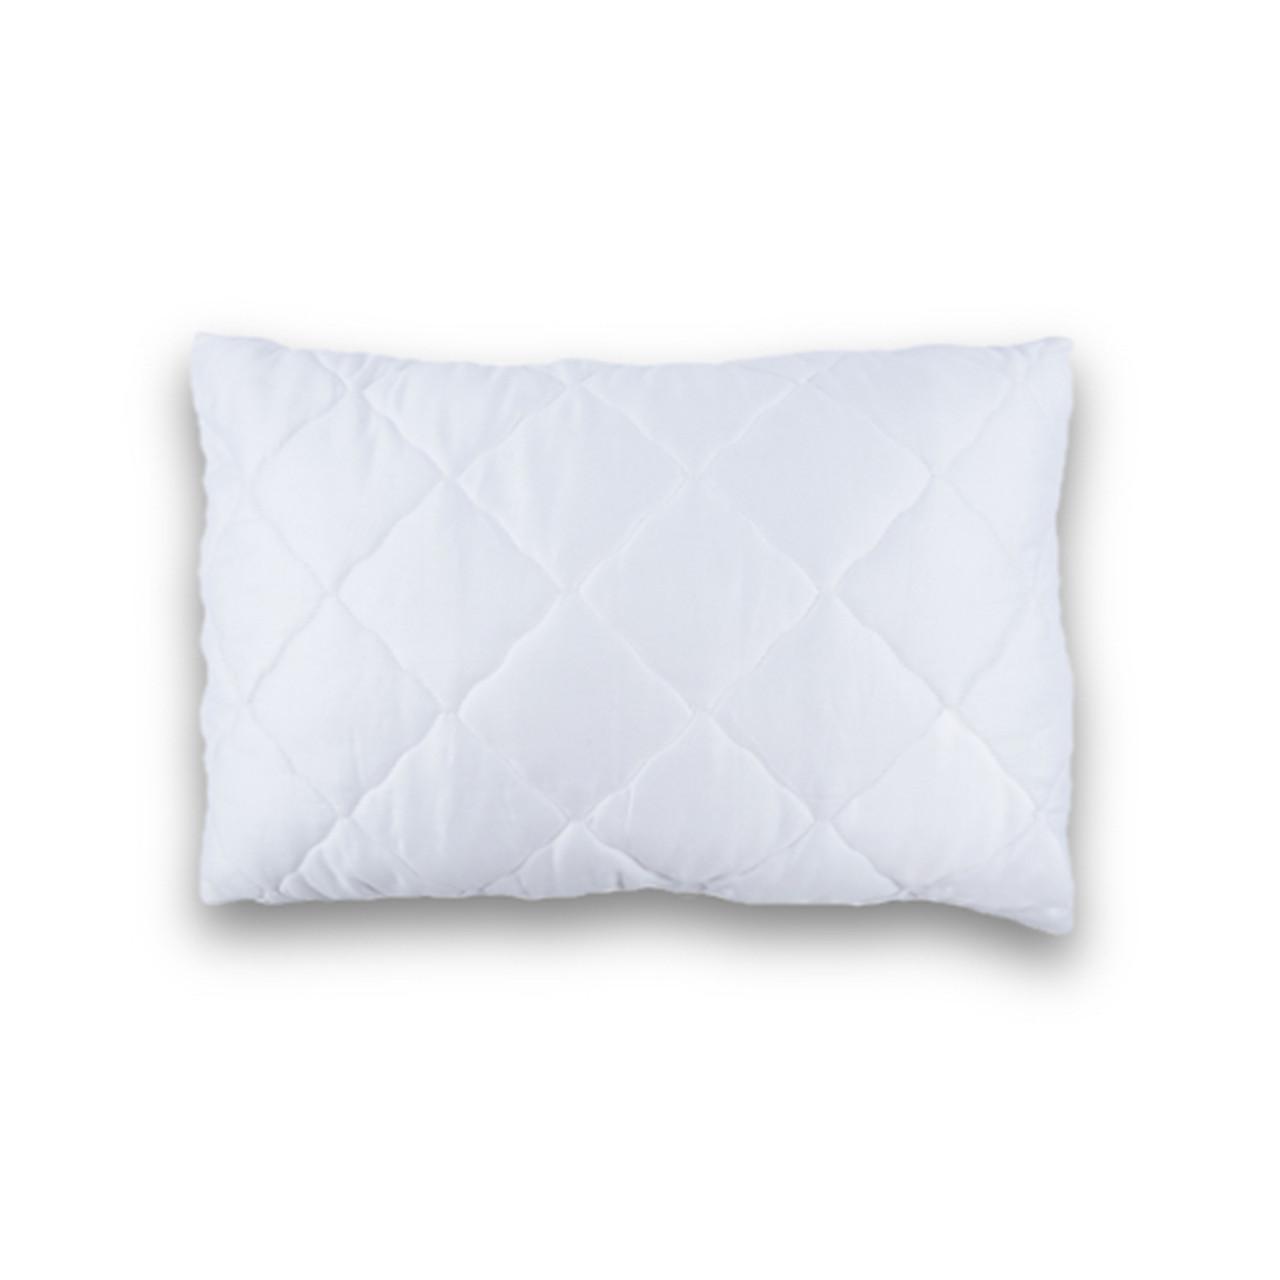 Подушка Сніжинка, 50х70см гіпоалергенна подушка